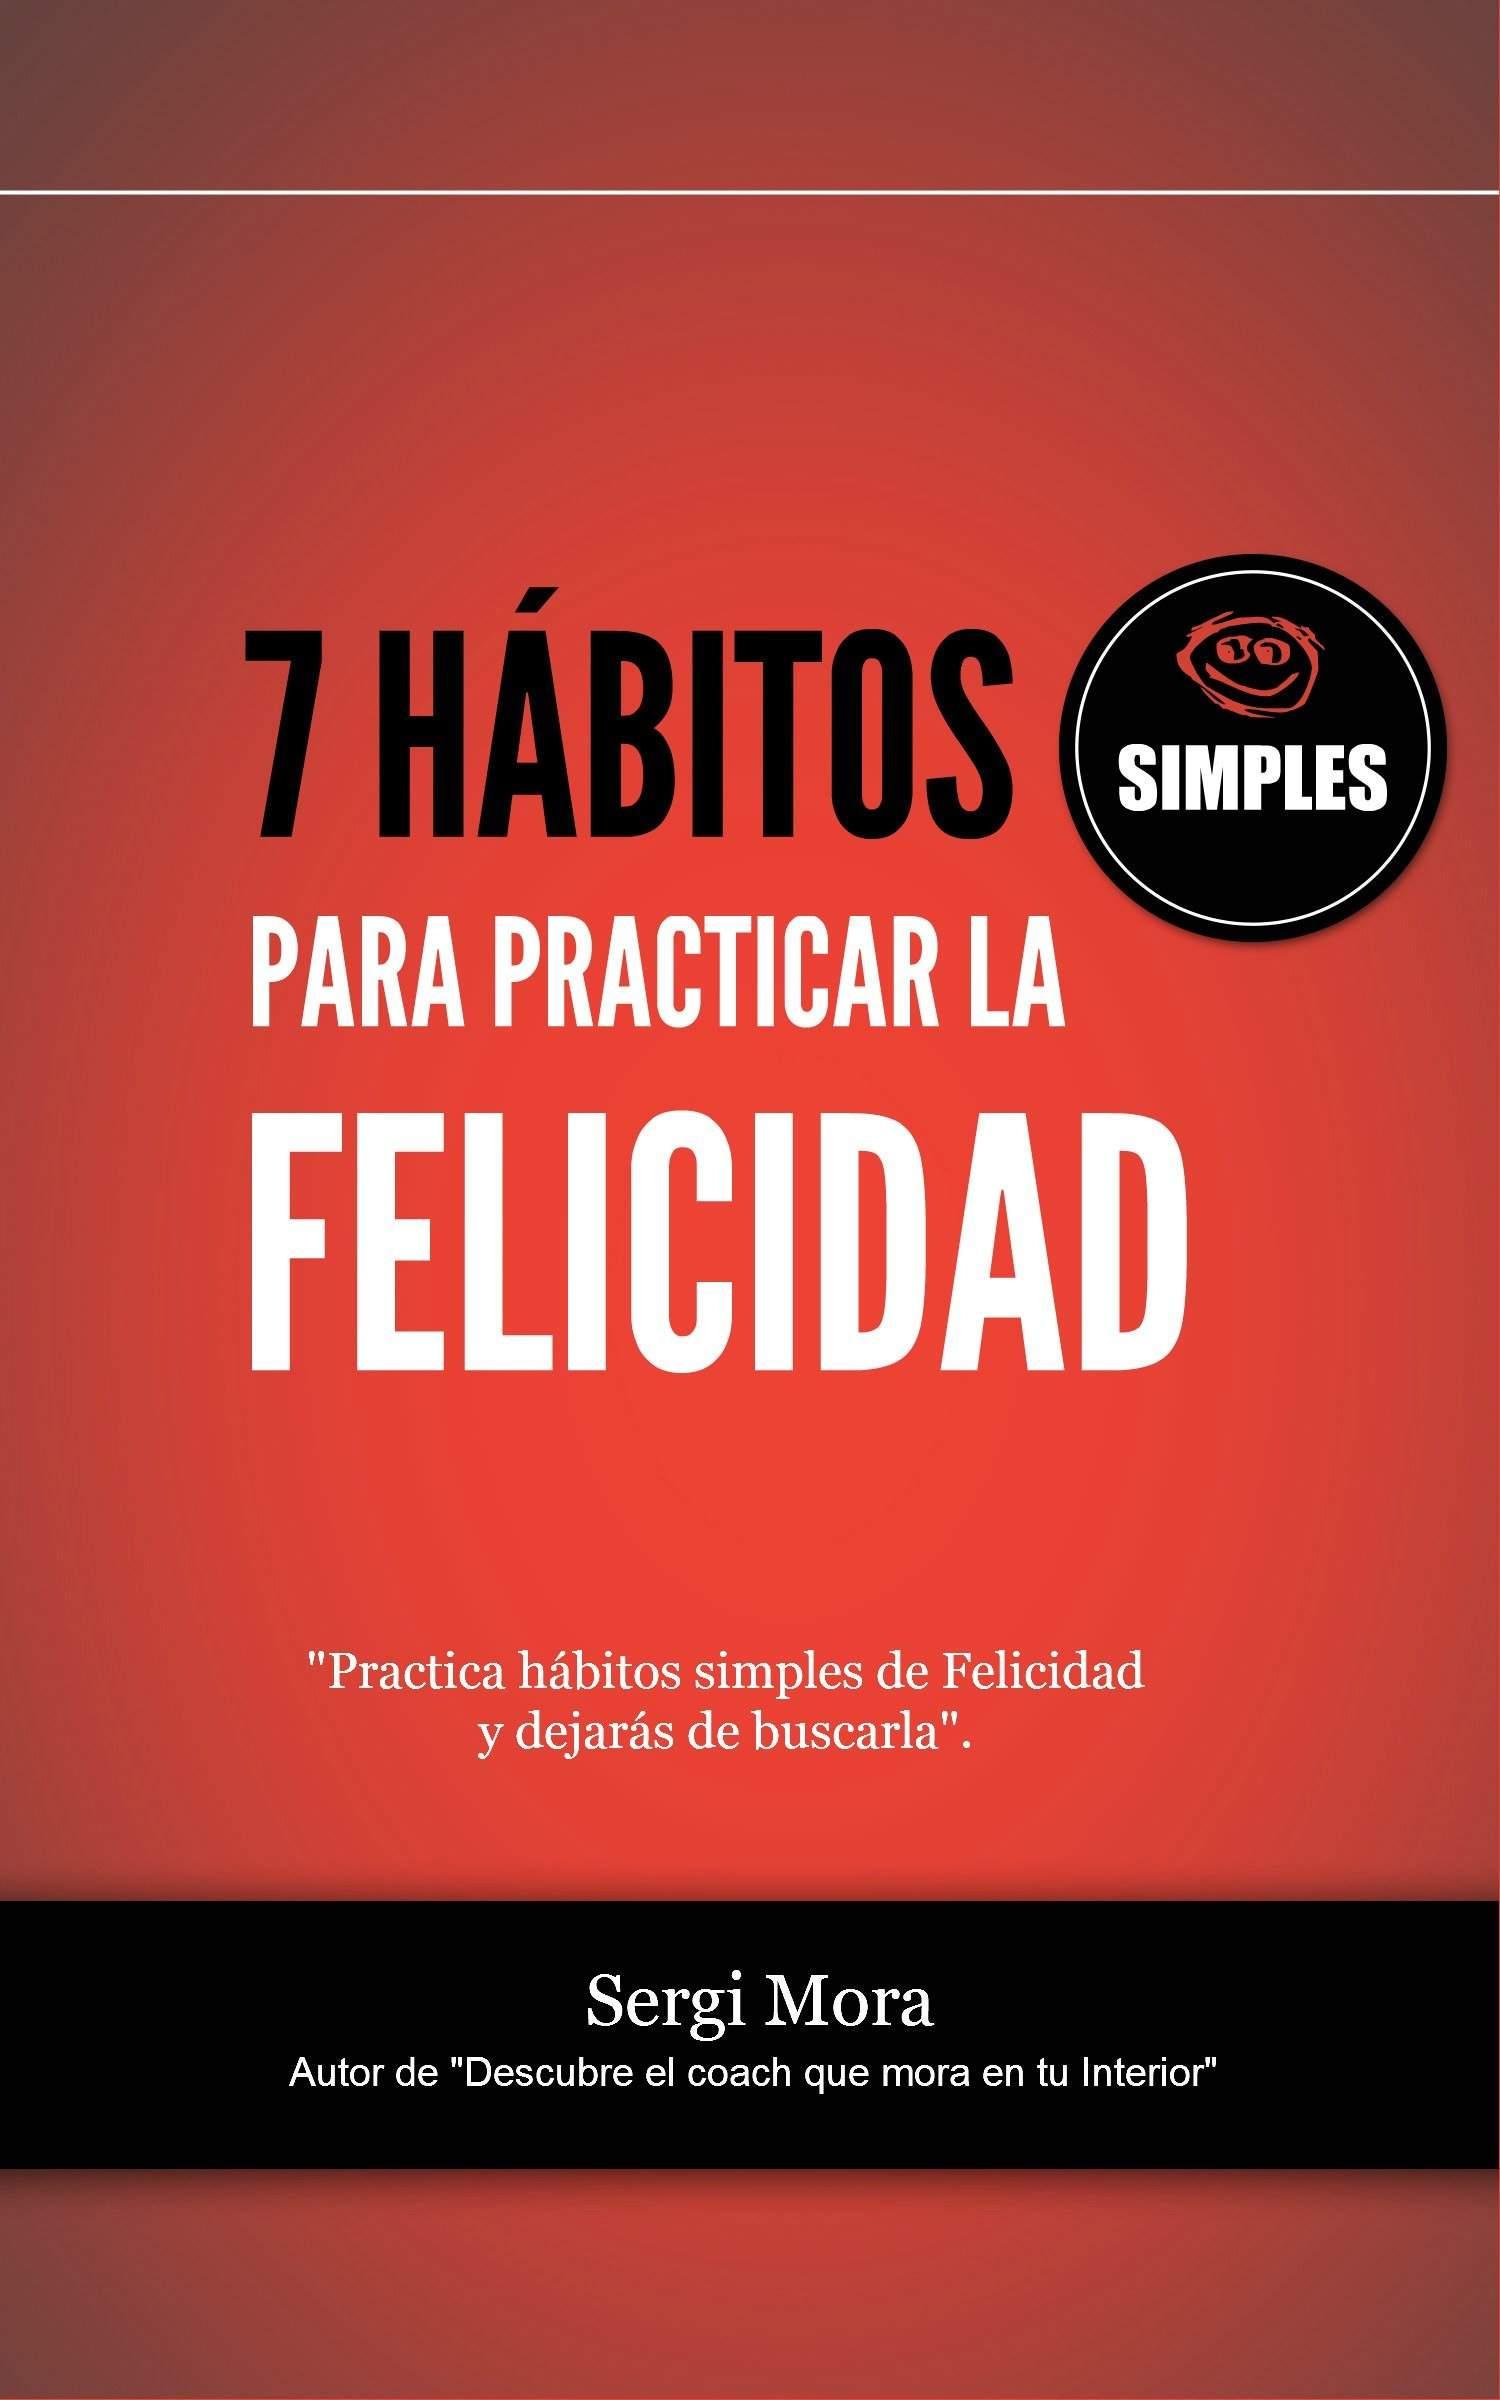 7habitosfelicidad_cover2